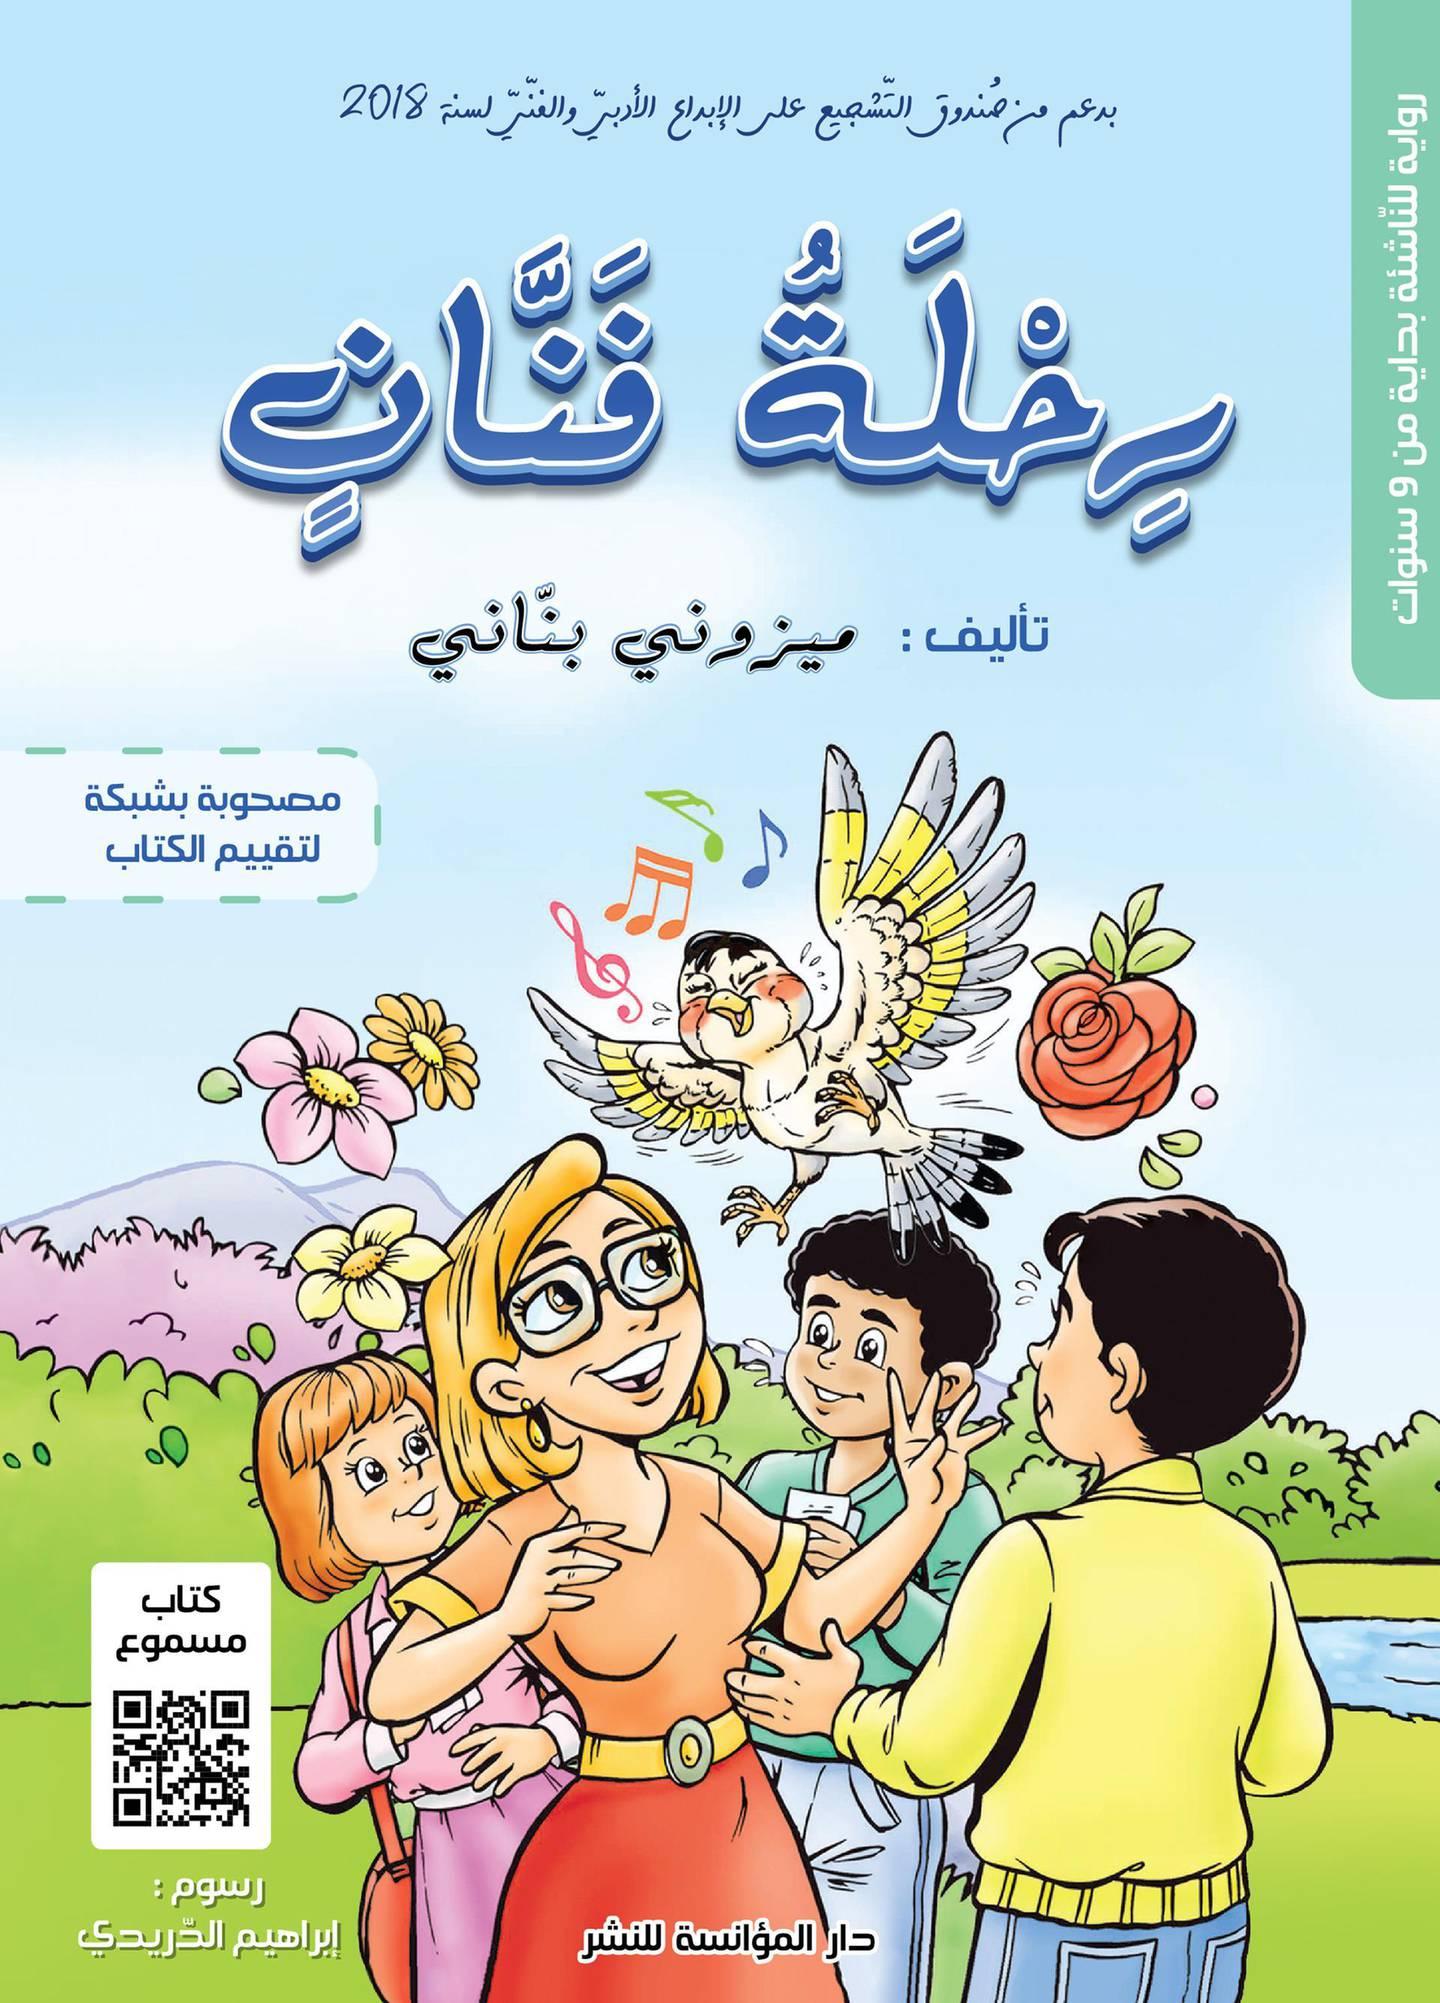 Rehlat Fannan (An Artist's Journey) by Mizouni Bannaniرحلة فنان - ميزوني بنّاني Courtesy Mizouni Bannani